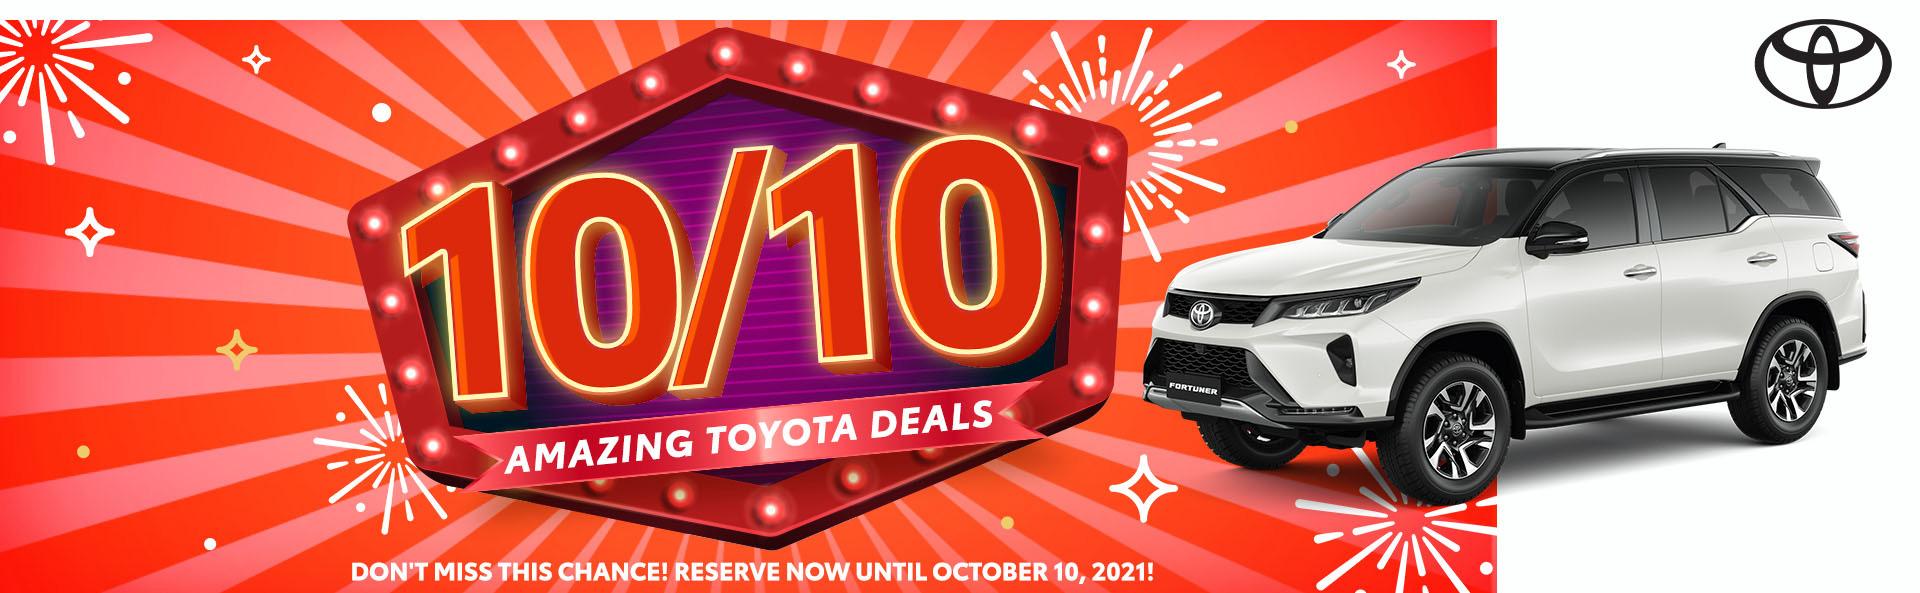 Amazing Toyota Deals